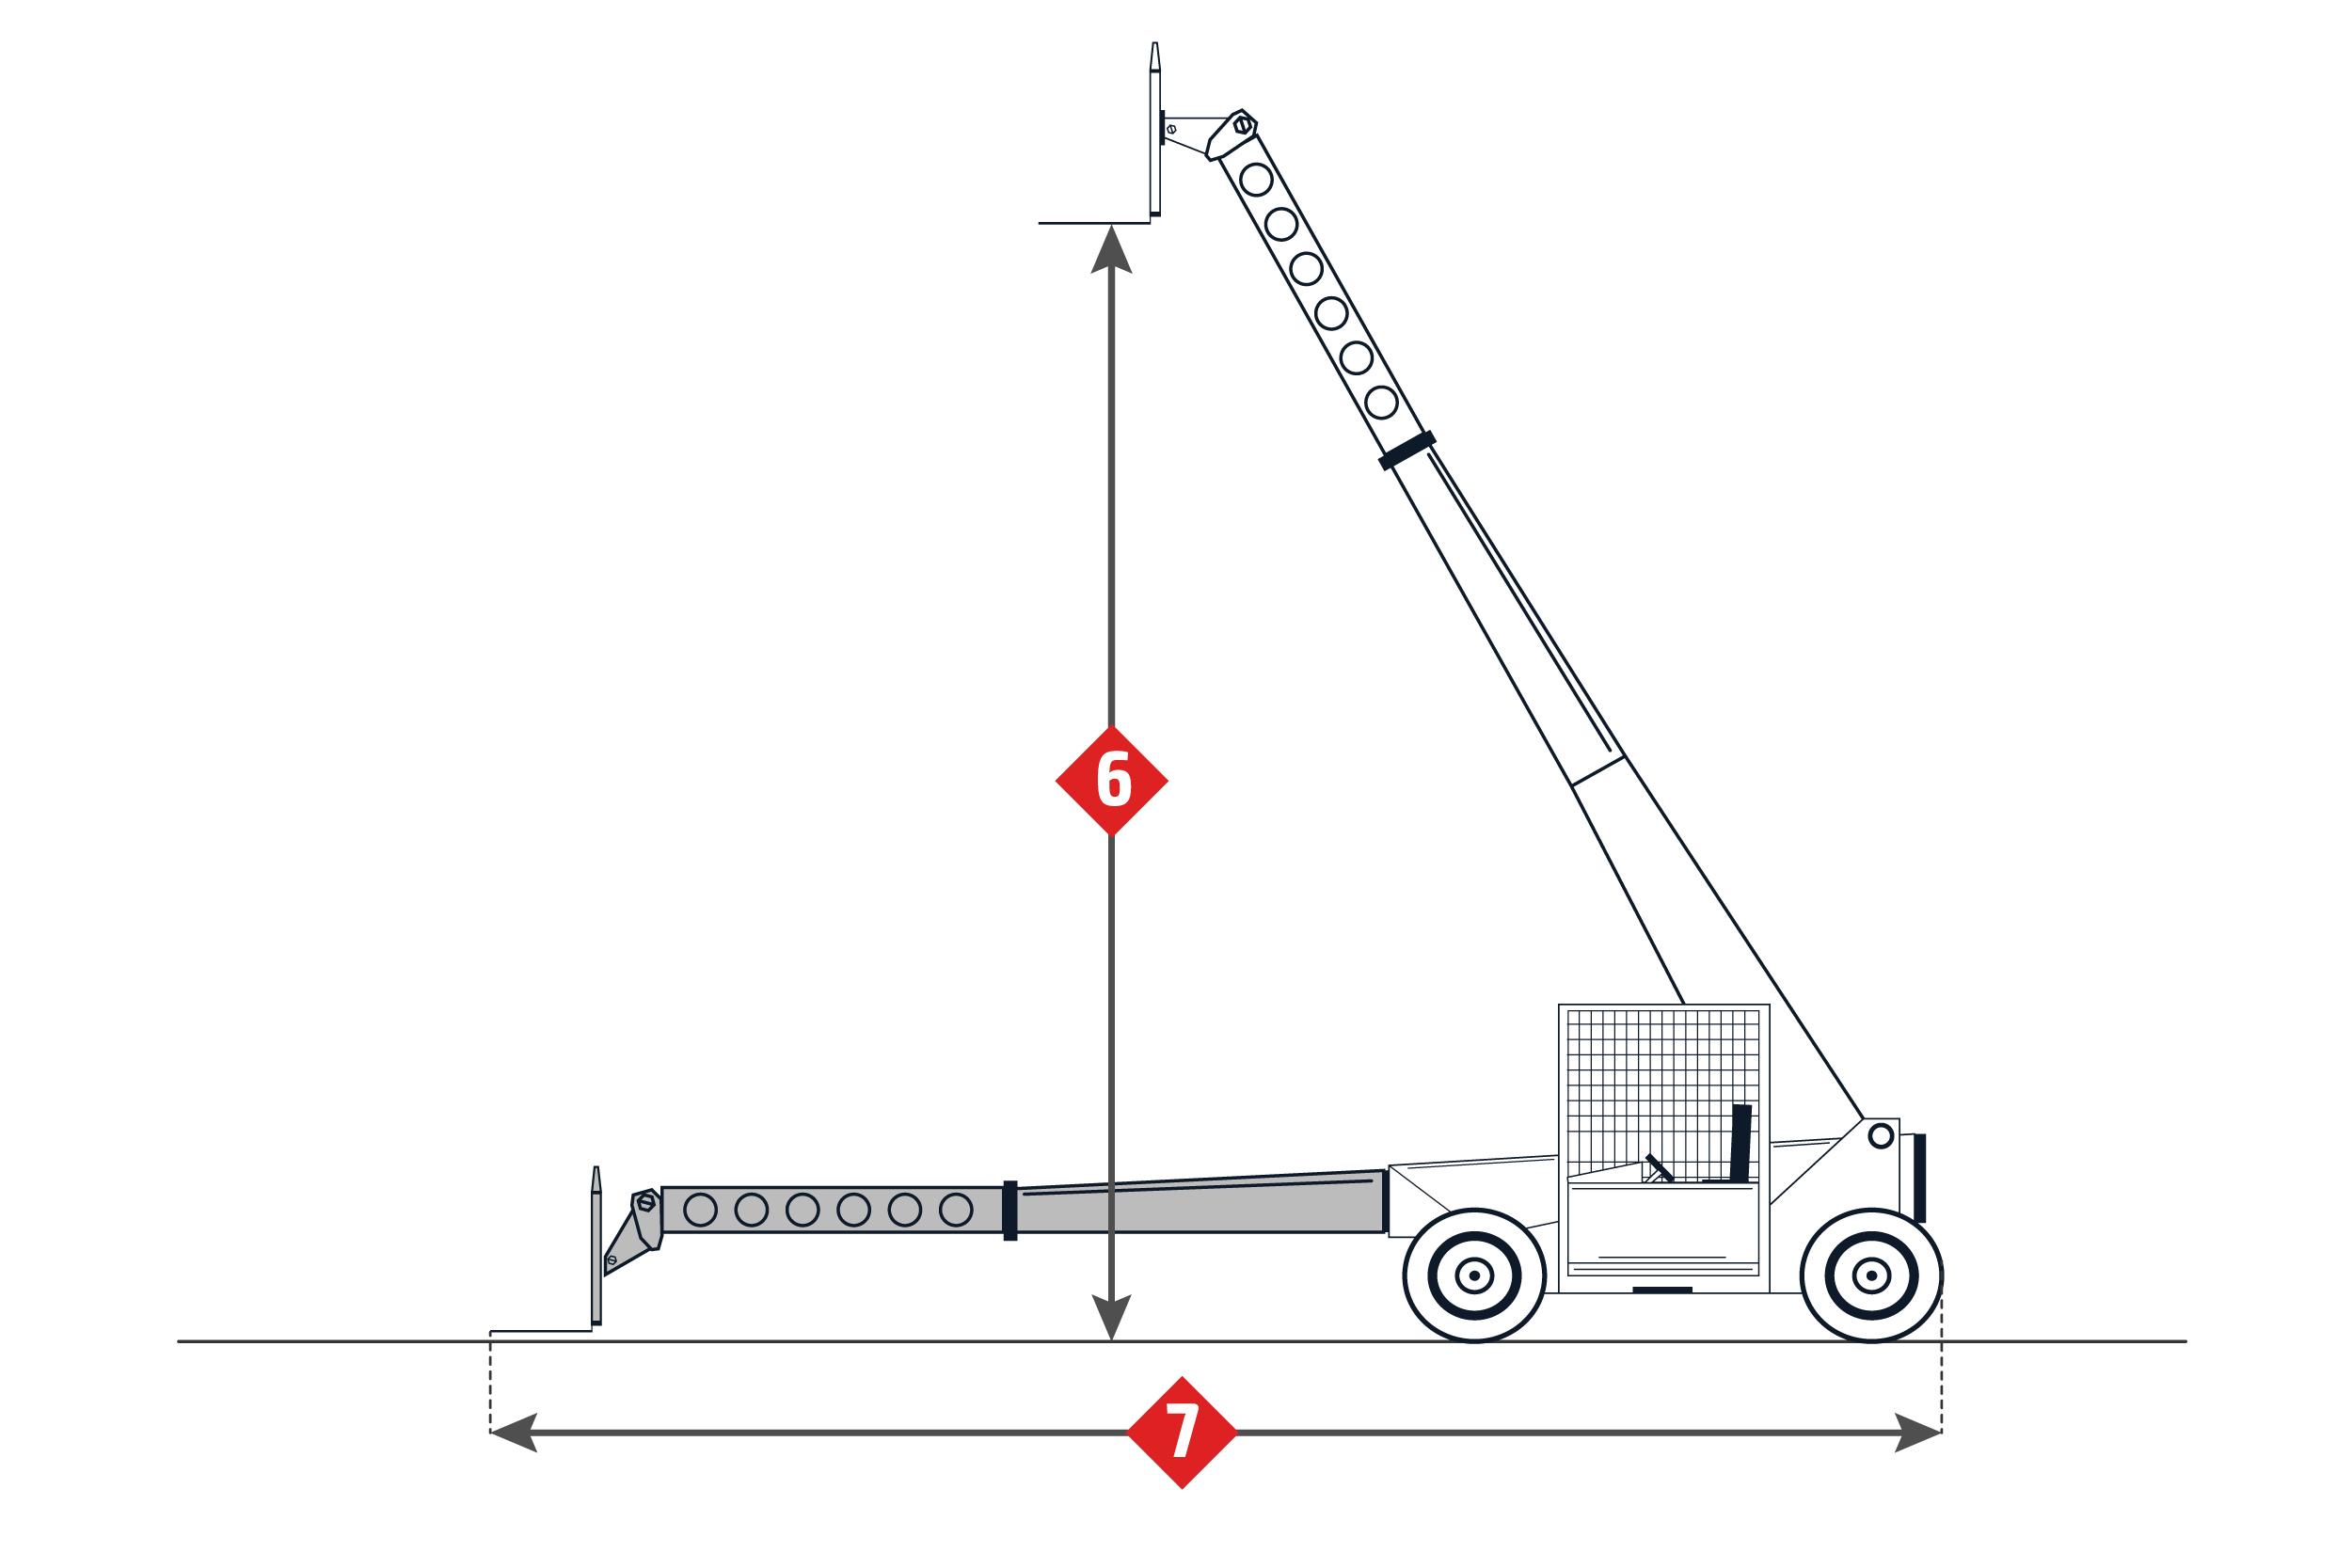 jcb front loader | wiring diagram database on jcb backhoe wiring  schematics, jcb transmission diagram